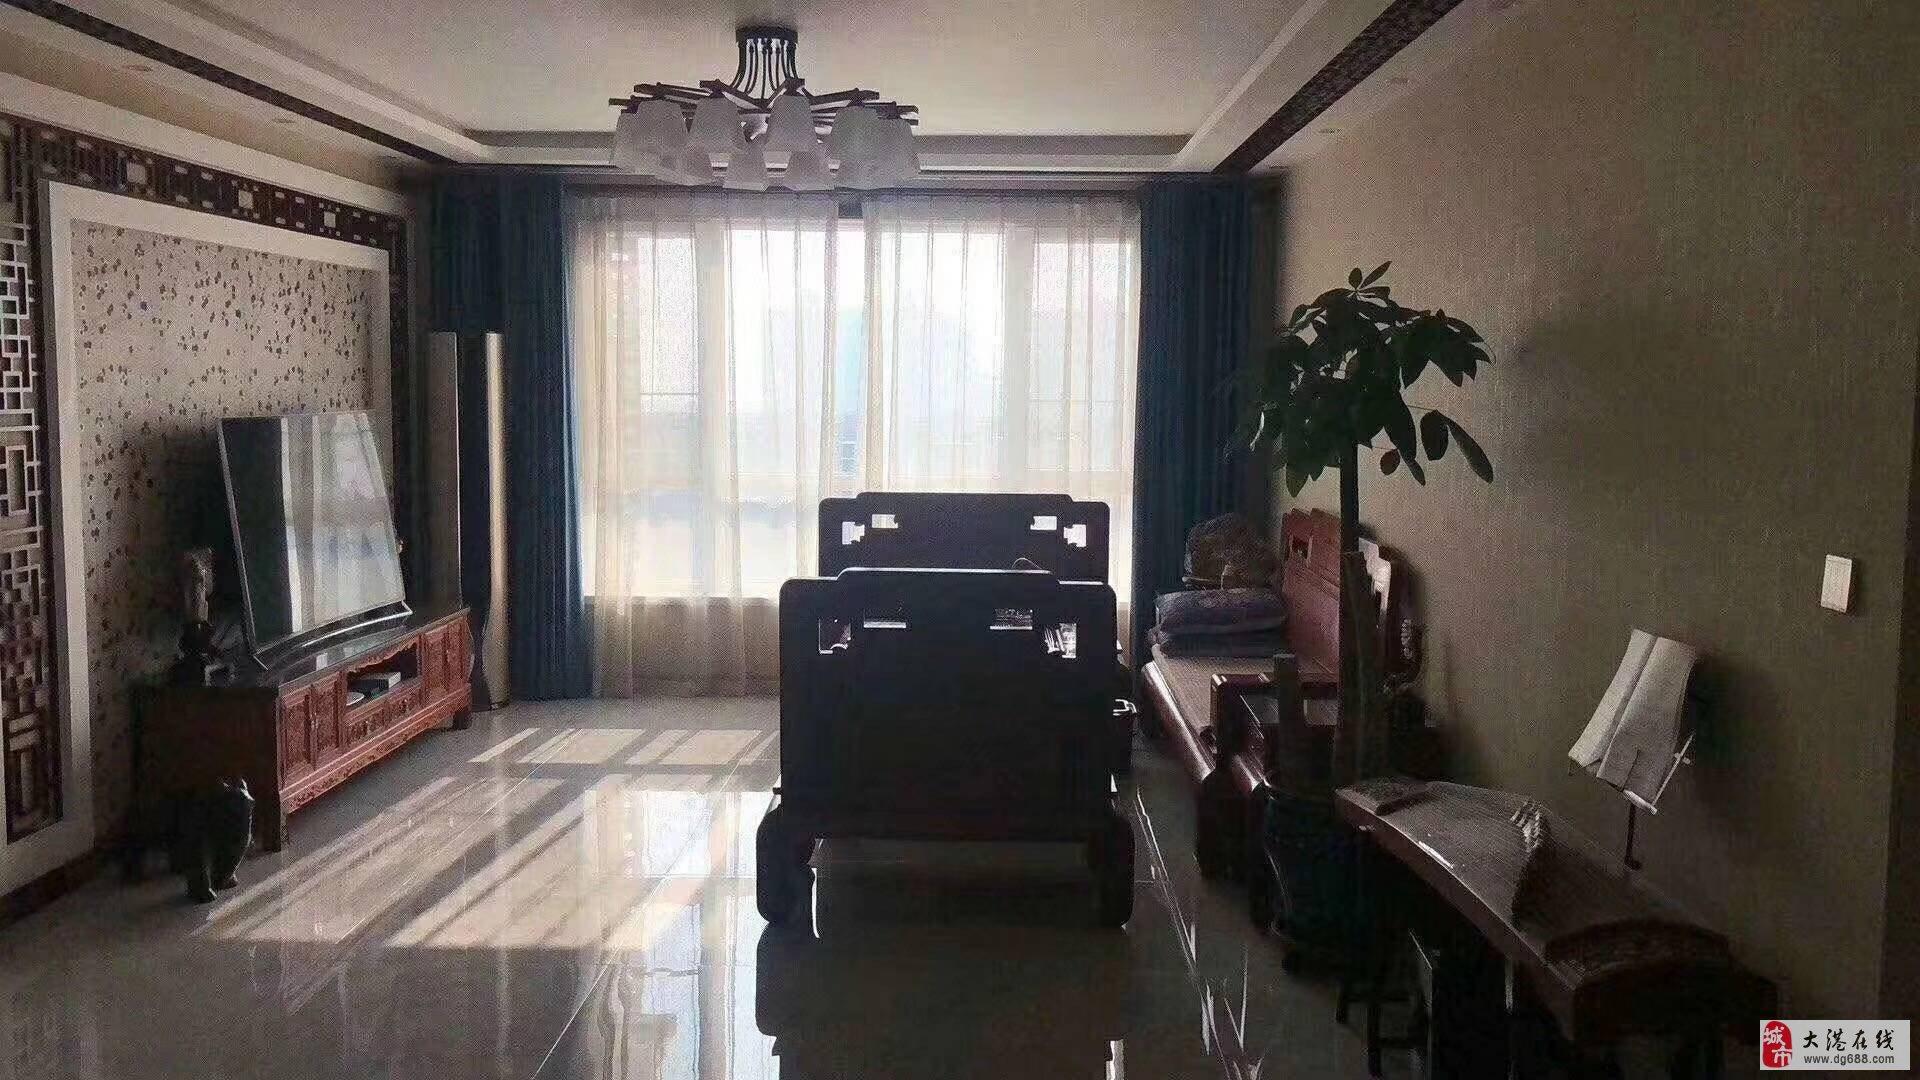 葡京娱乐网址海旋园143平米三室跨厅通厅豪装200万送所有家具家电